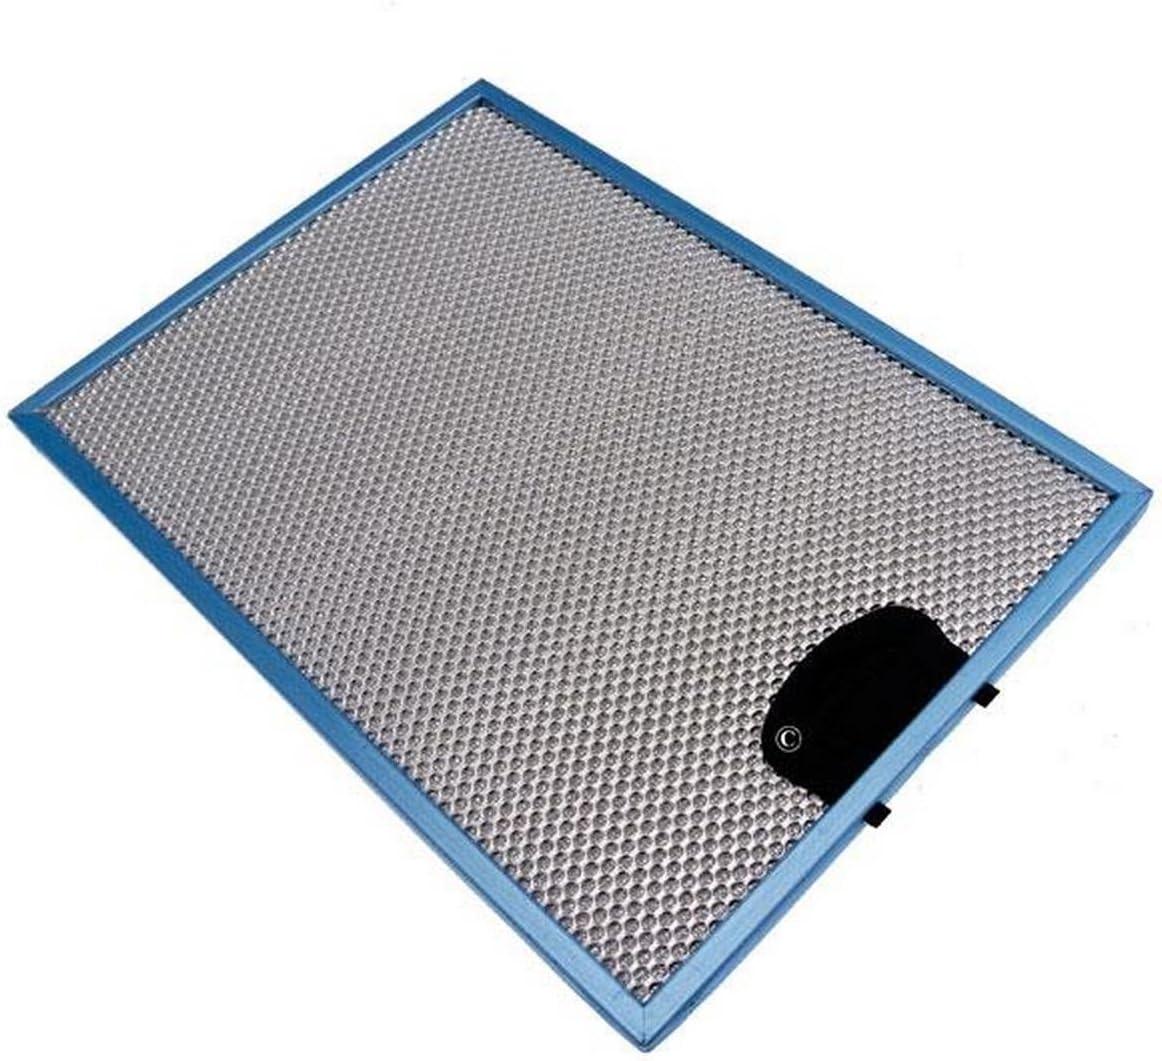 Filtro Metal anti grasa (328 x 240 mm) (a la Unite) para campana Brandt, S: Amazon.es: Hogar